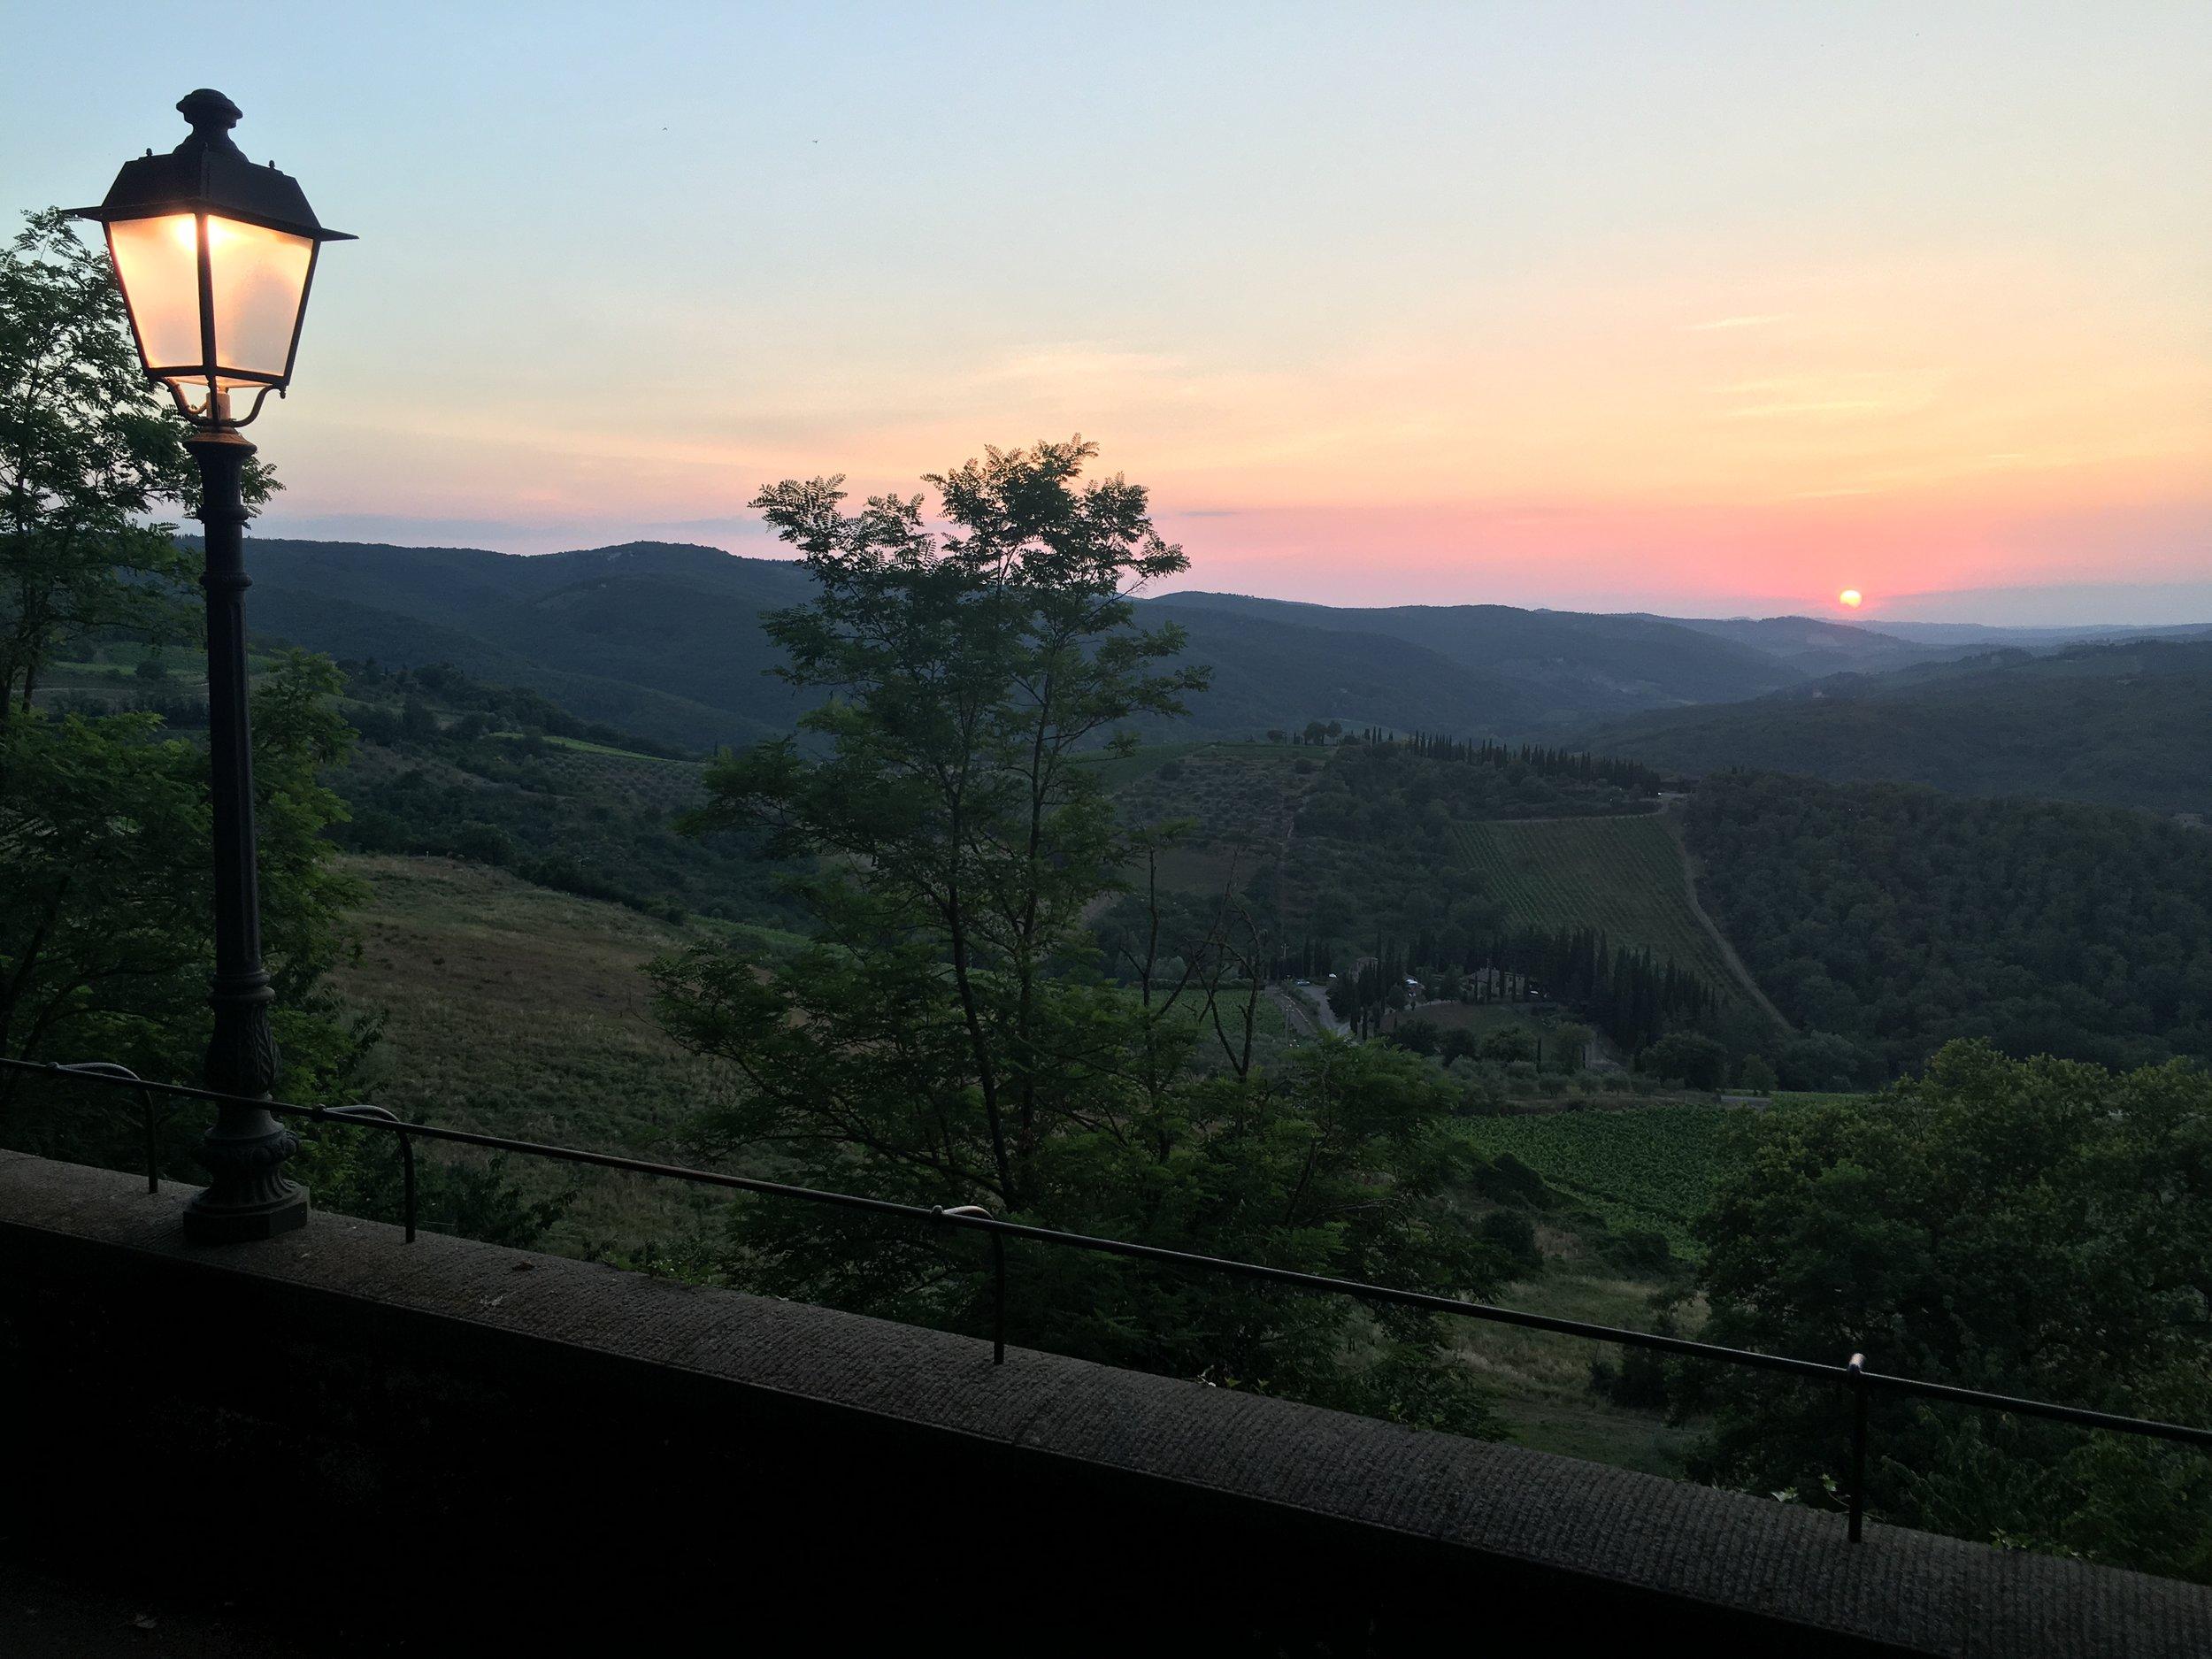 sunset in radda